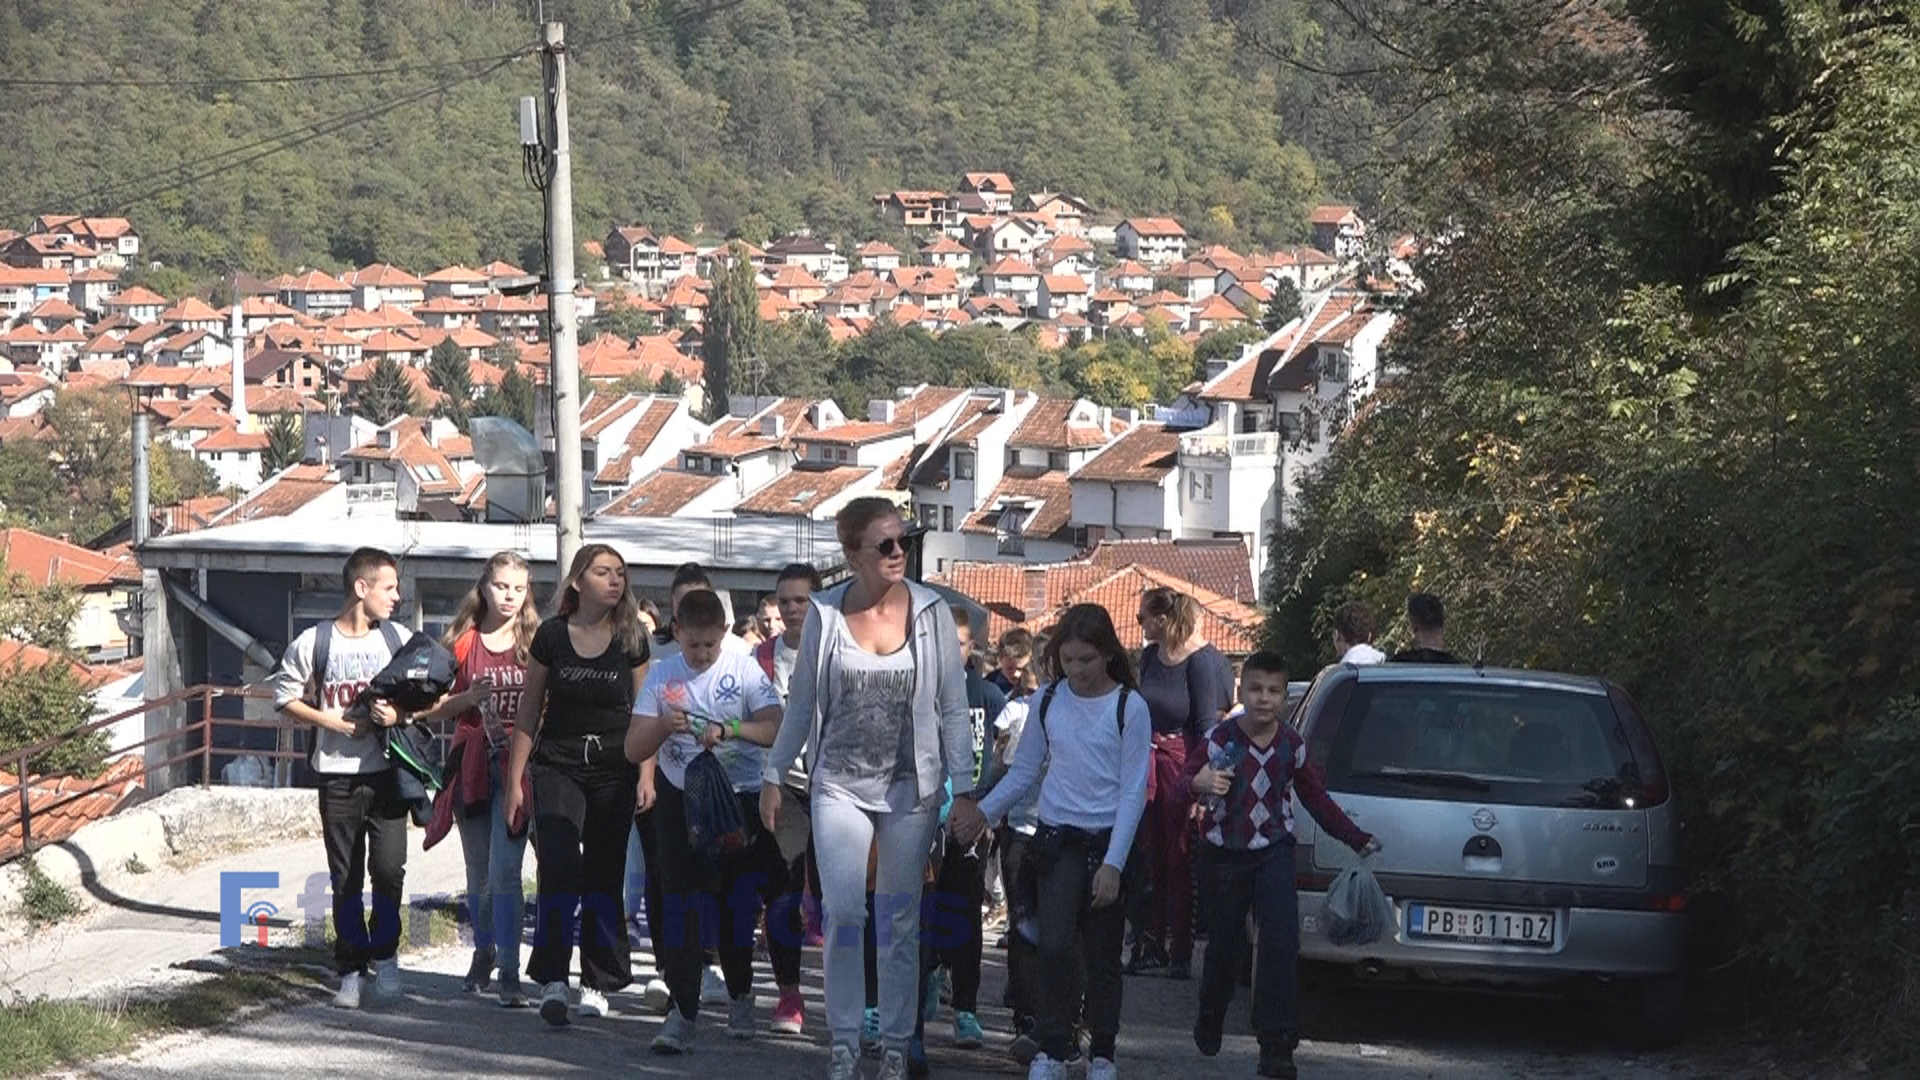 Међународни дан пешачења у Пријепољу – Шетњом до здравља